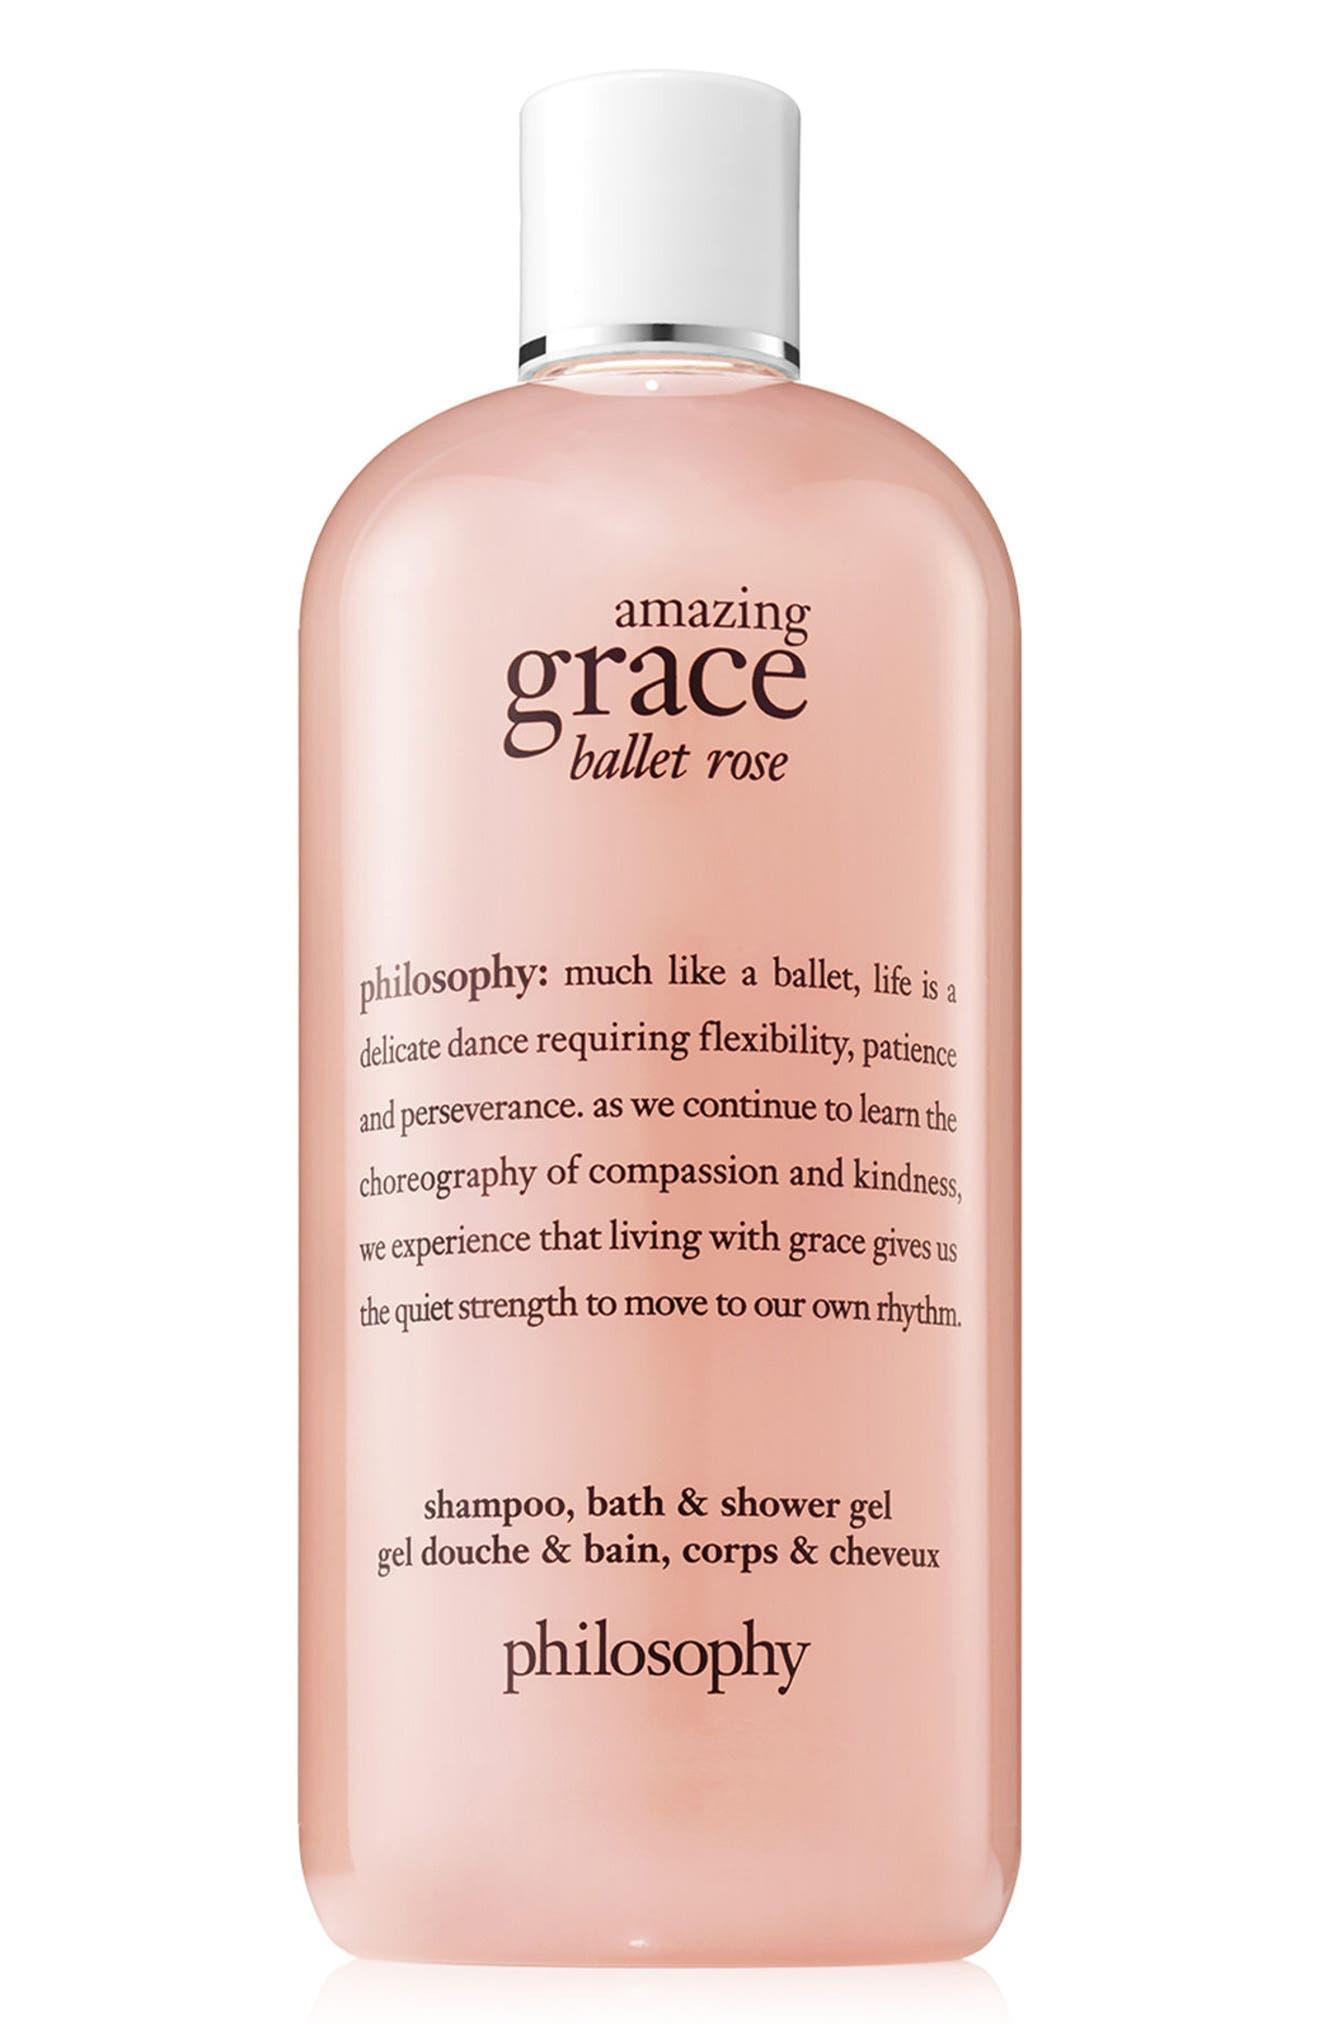 PHILOSOPHY amazing grace ballet rose shampoo, bath & shower gel, Main, color, NO COLOR